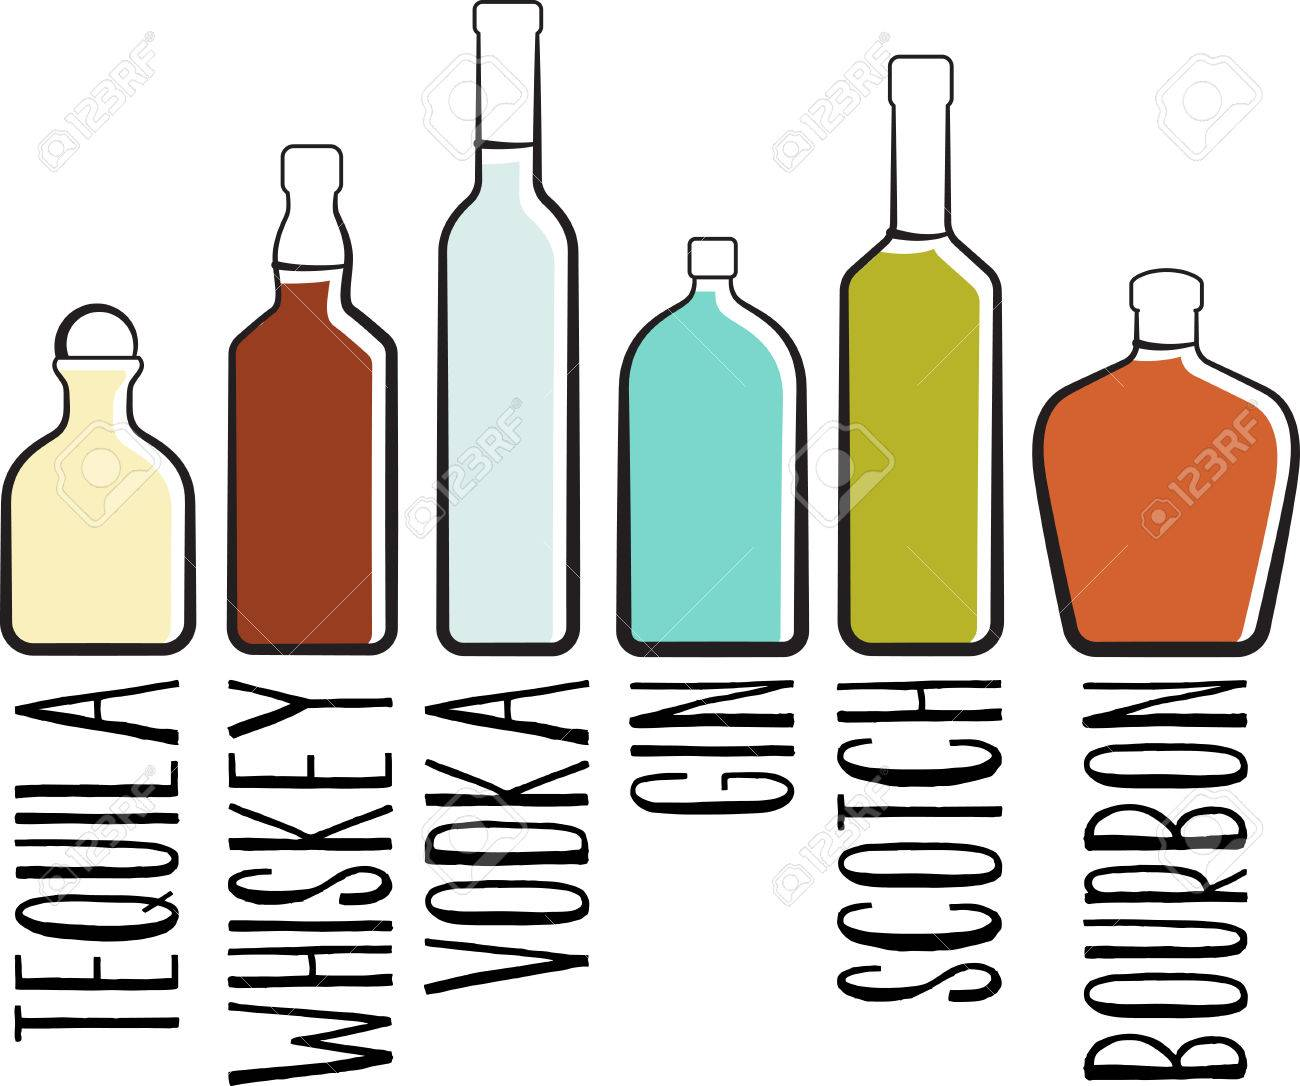 Liquor bottles clipart 5 » Clipart Station.